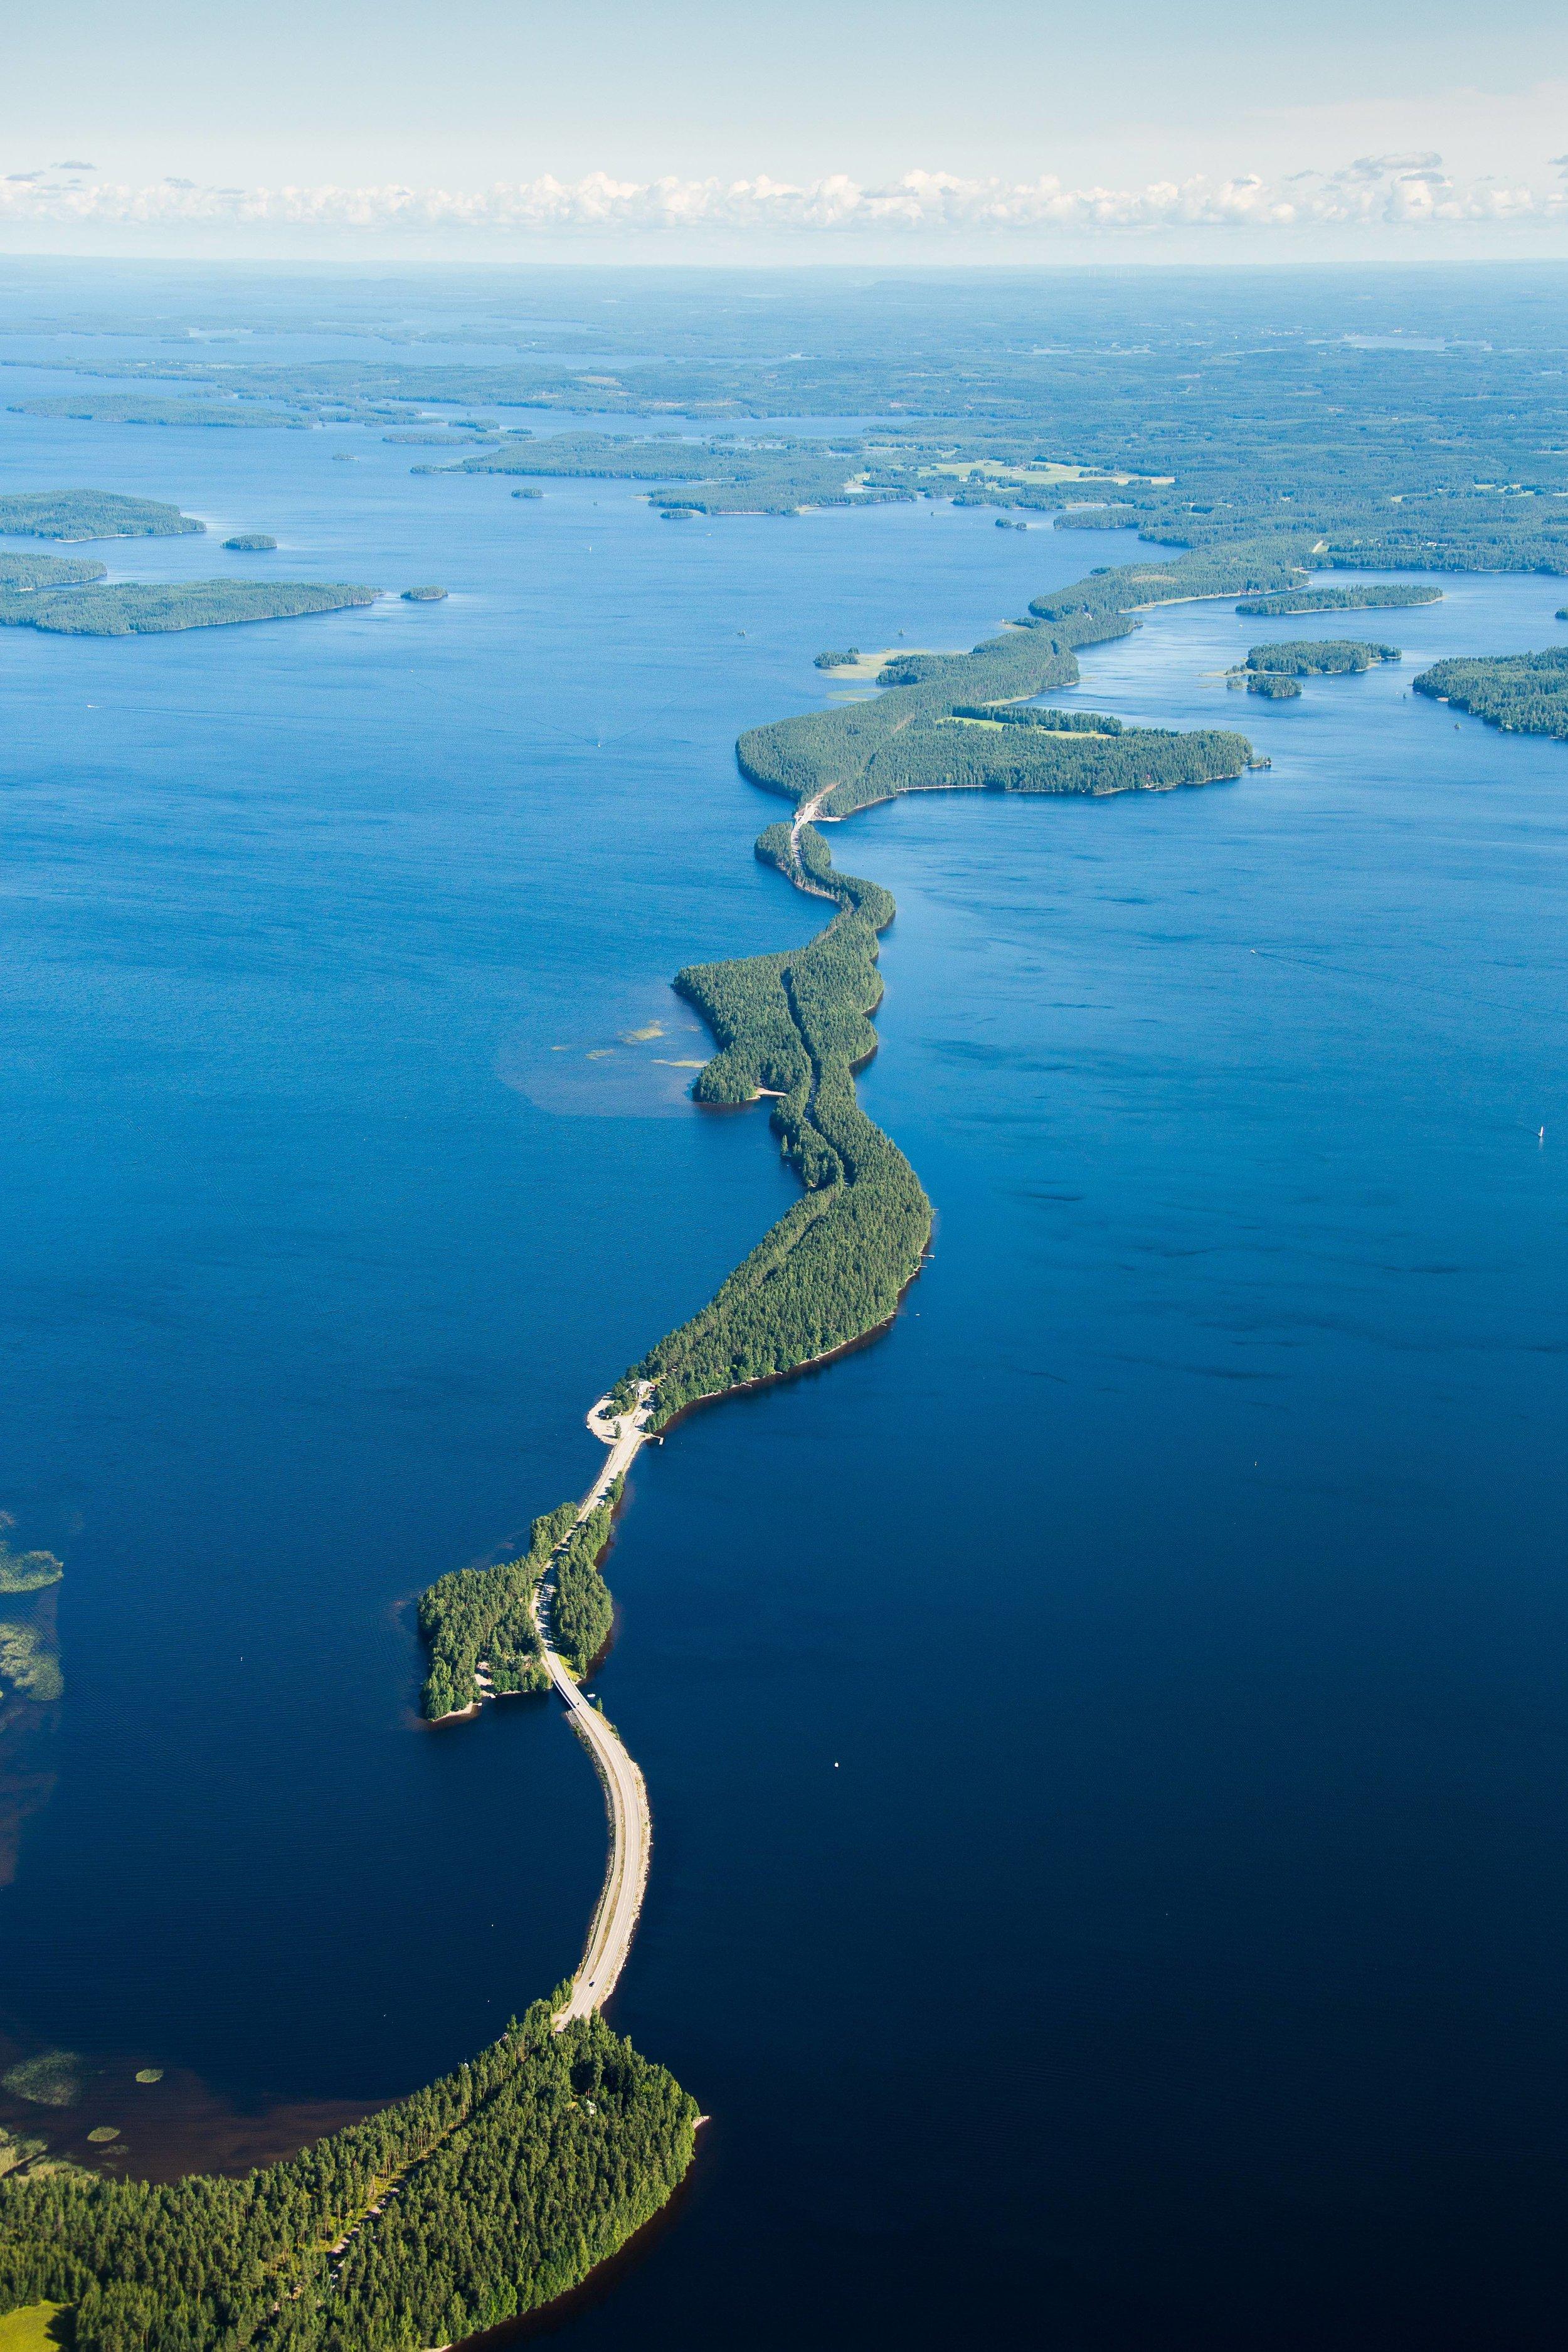 Asikkala Pulkkilanharju causeway through the lake region. Photo credit: Asikkala municipality